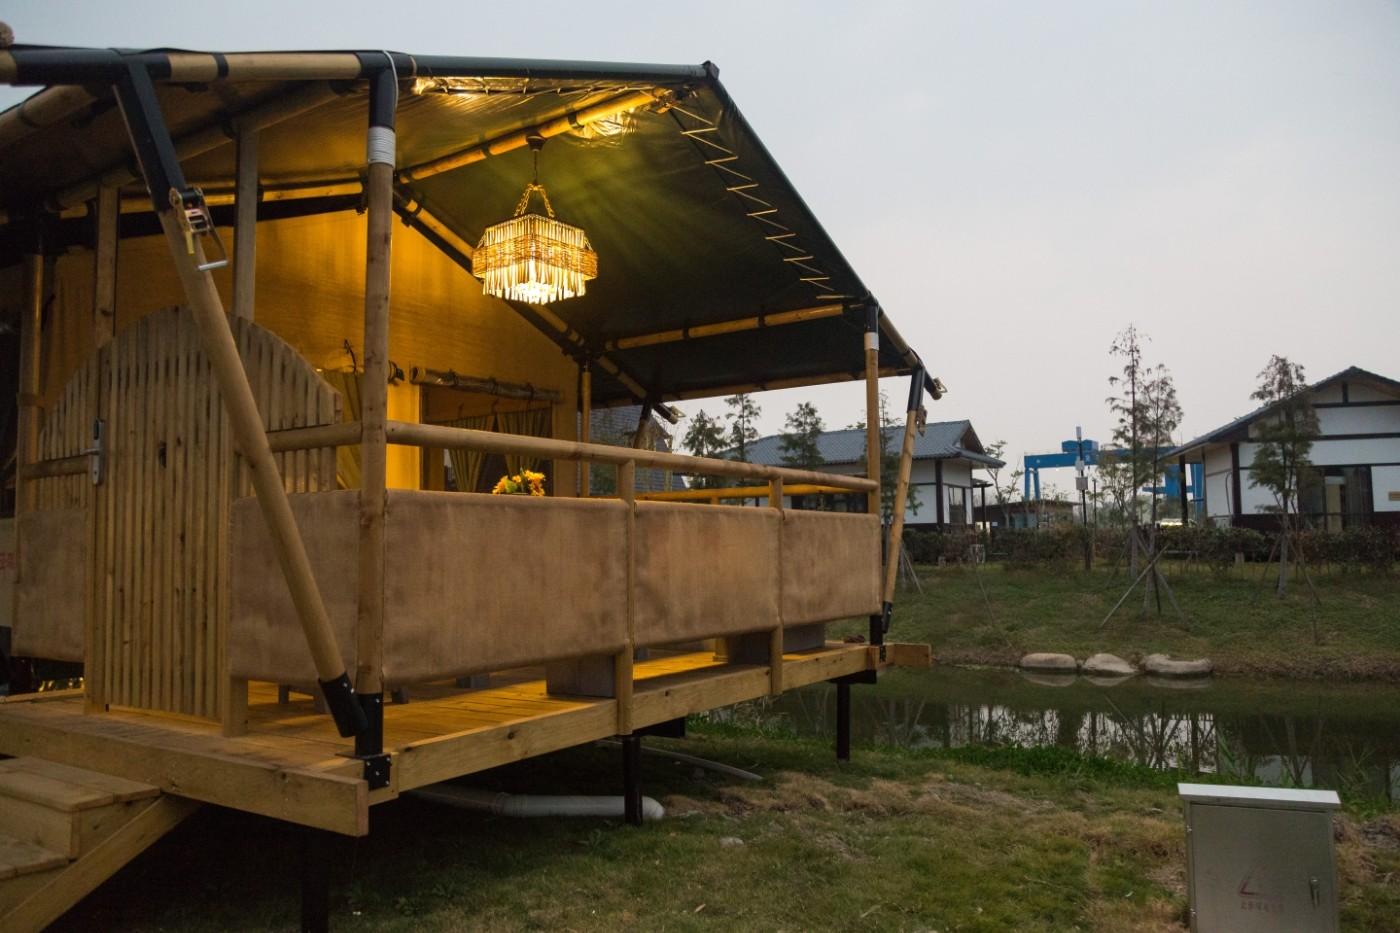 喜马拉雅野奢帐篷酒店—浙江留香之家露营地(54平)13